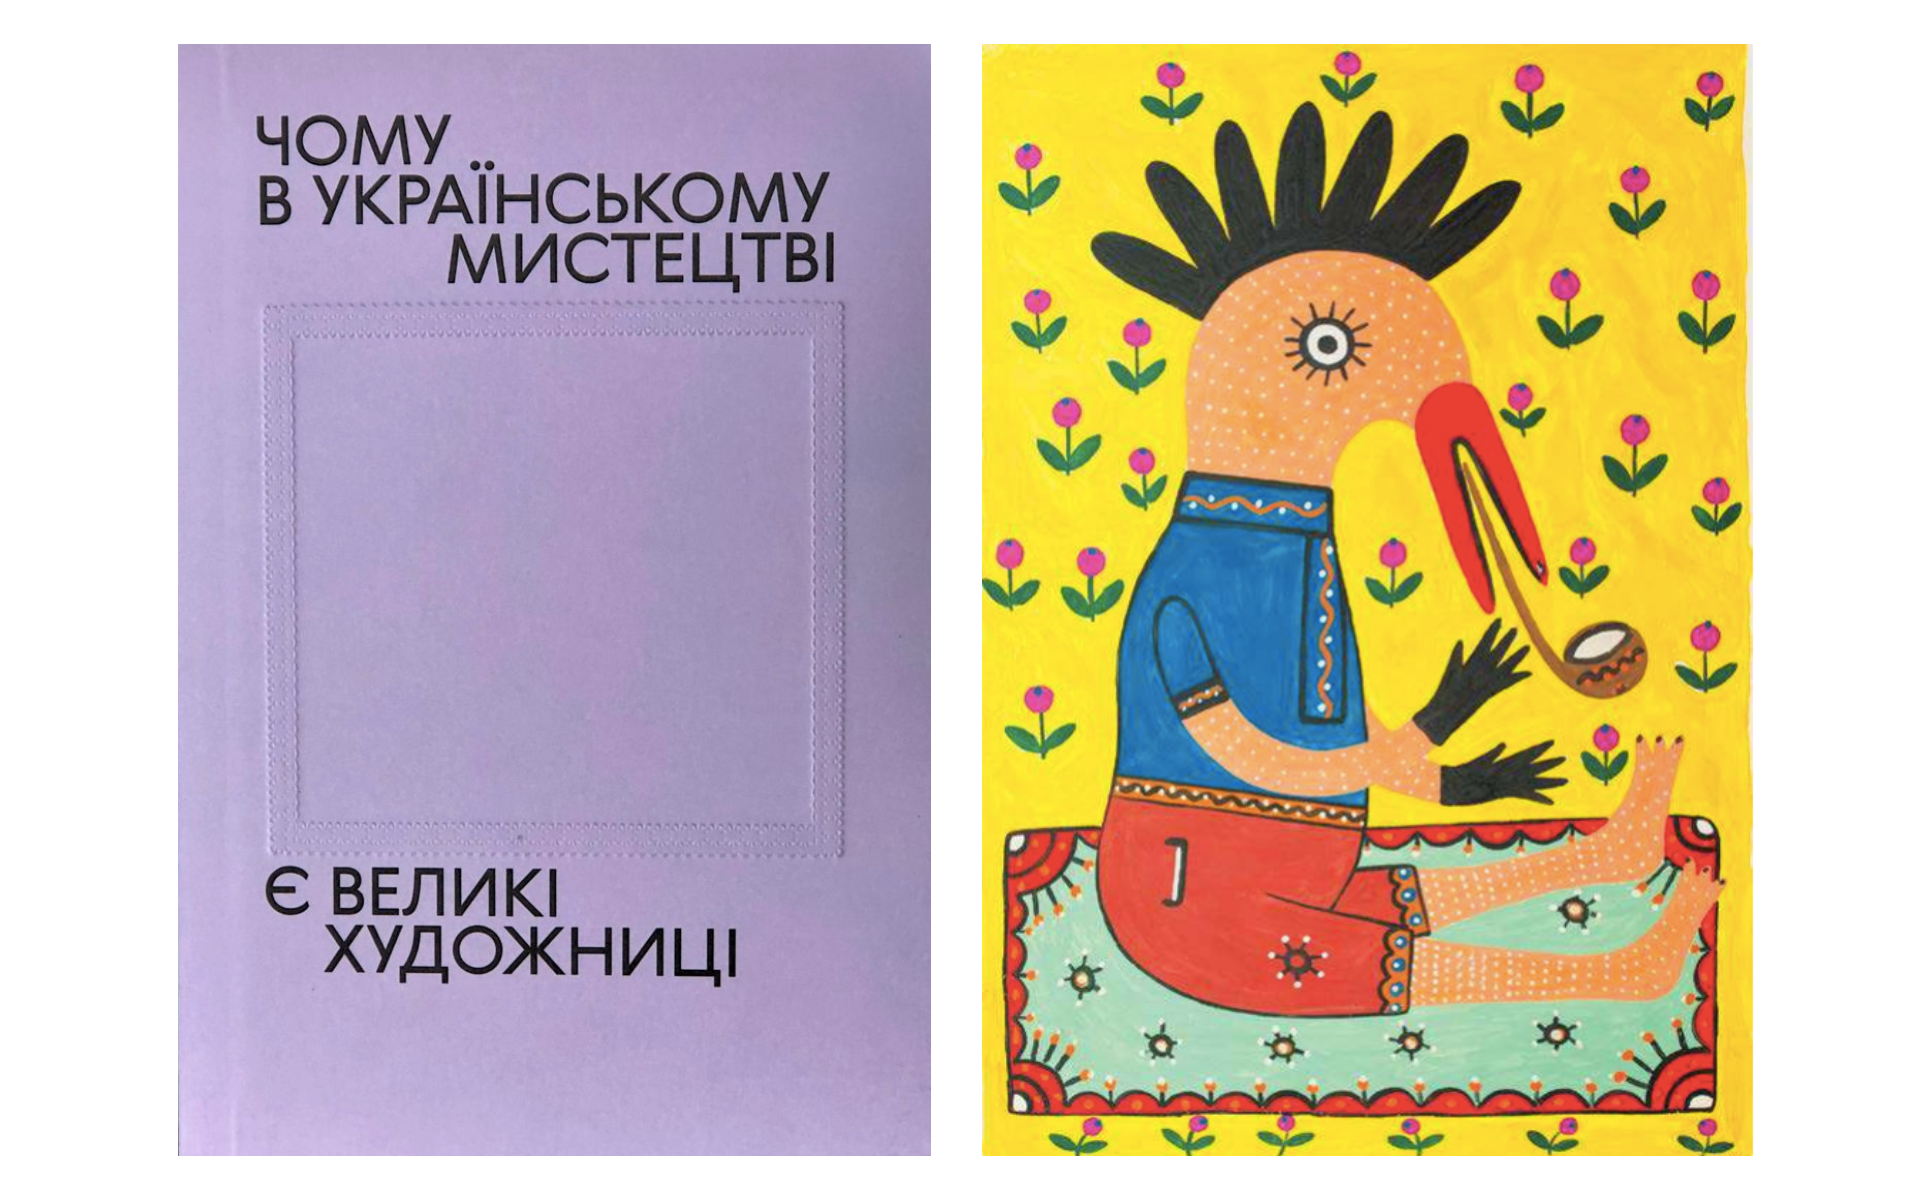 «Чому в українському мистецтві є великі художниці» виклали у вільний доступ